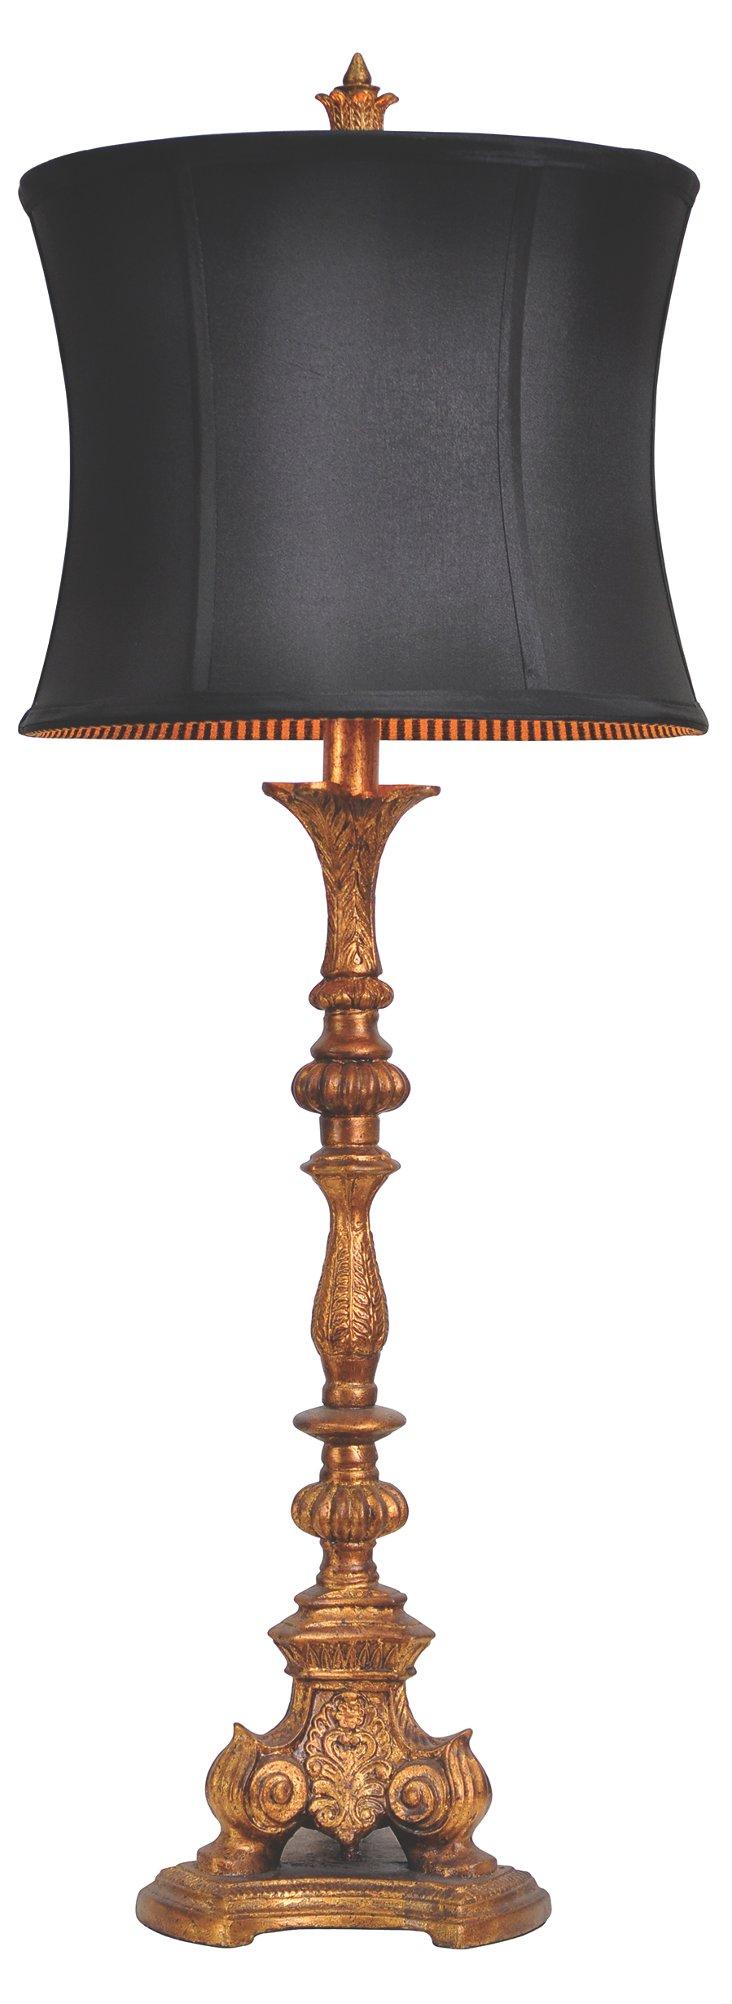 Etienne Table Lamp, Opulent Gold